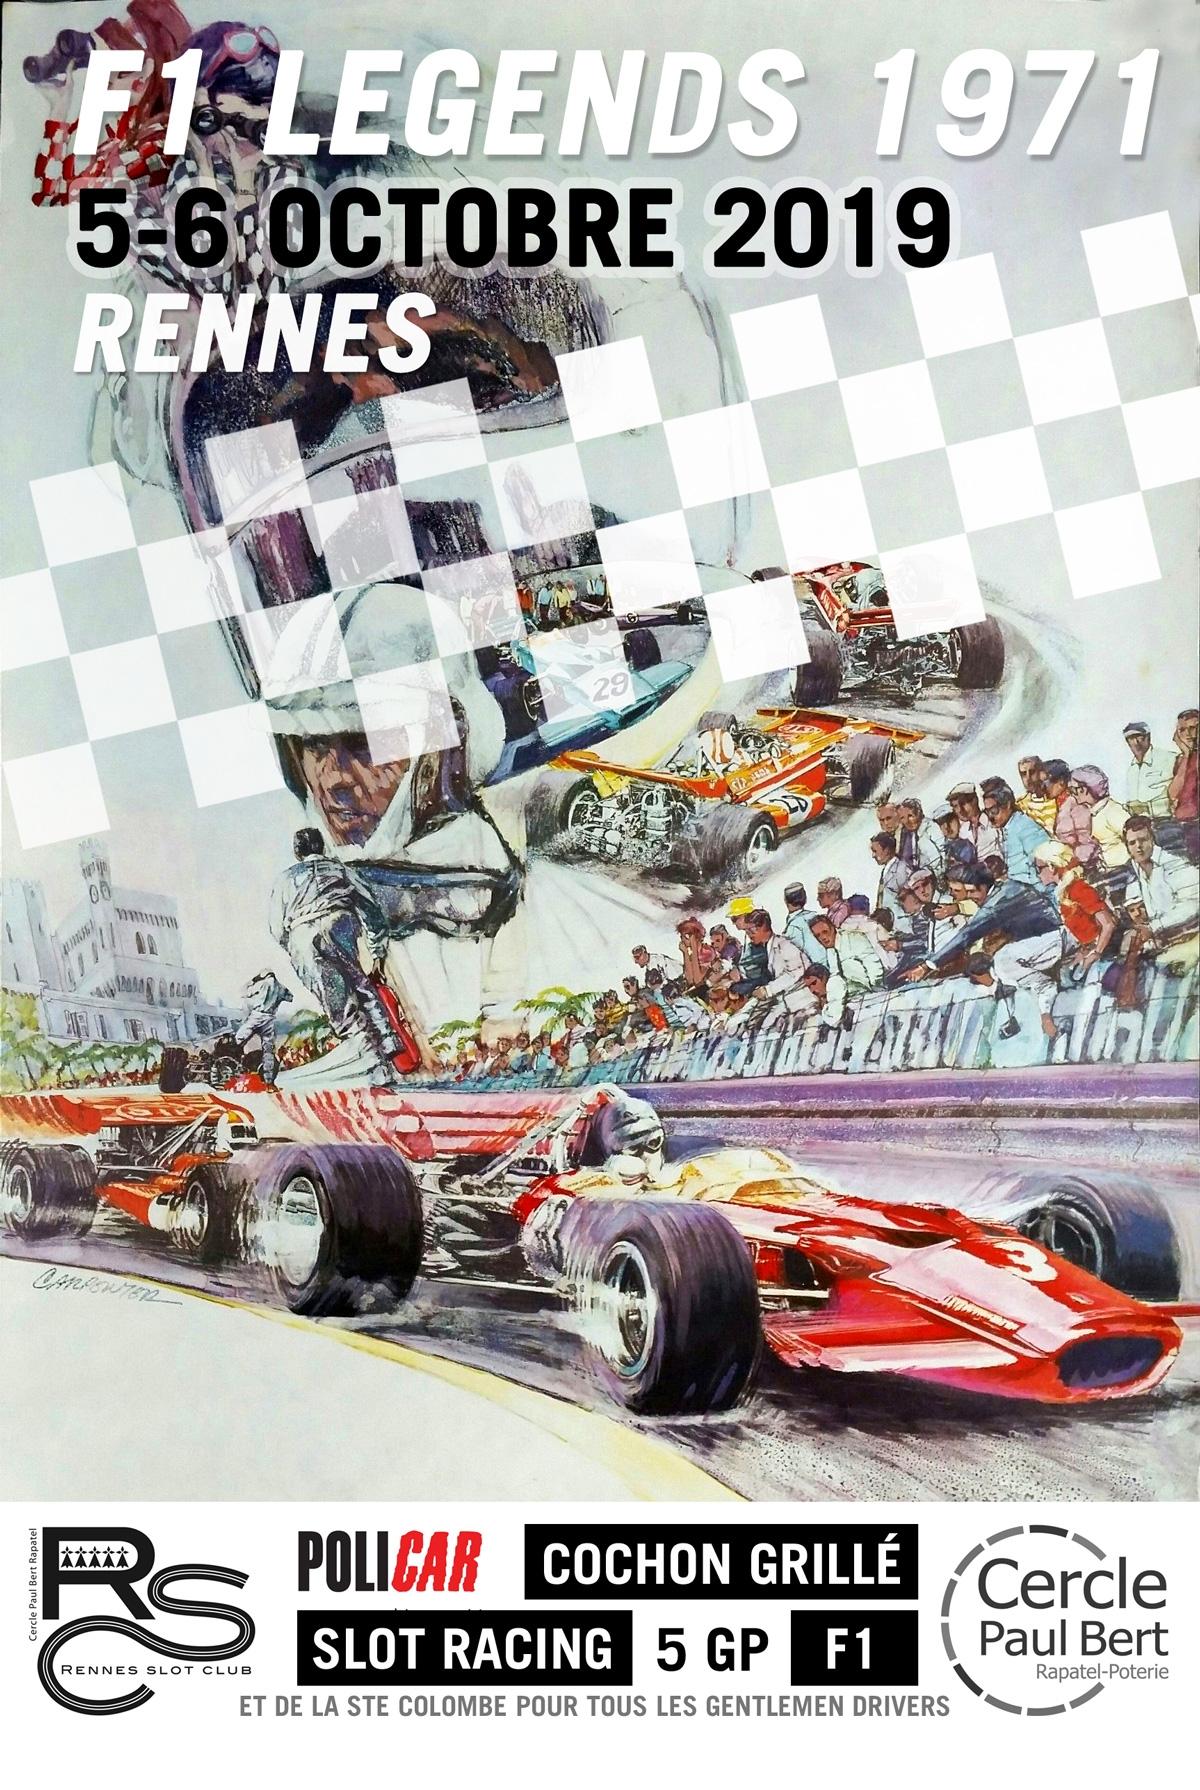 F1 Legend 1971 / 5-6 octobre 2019